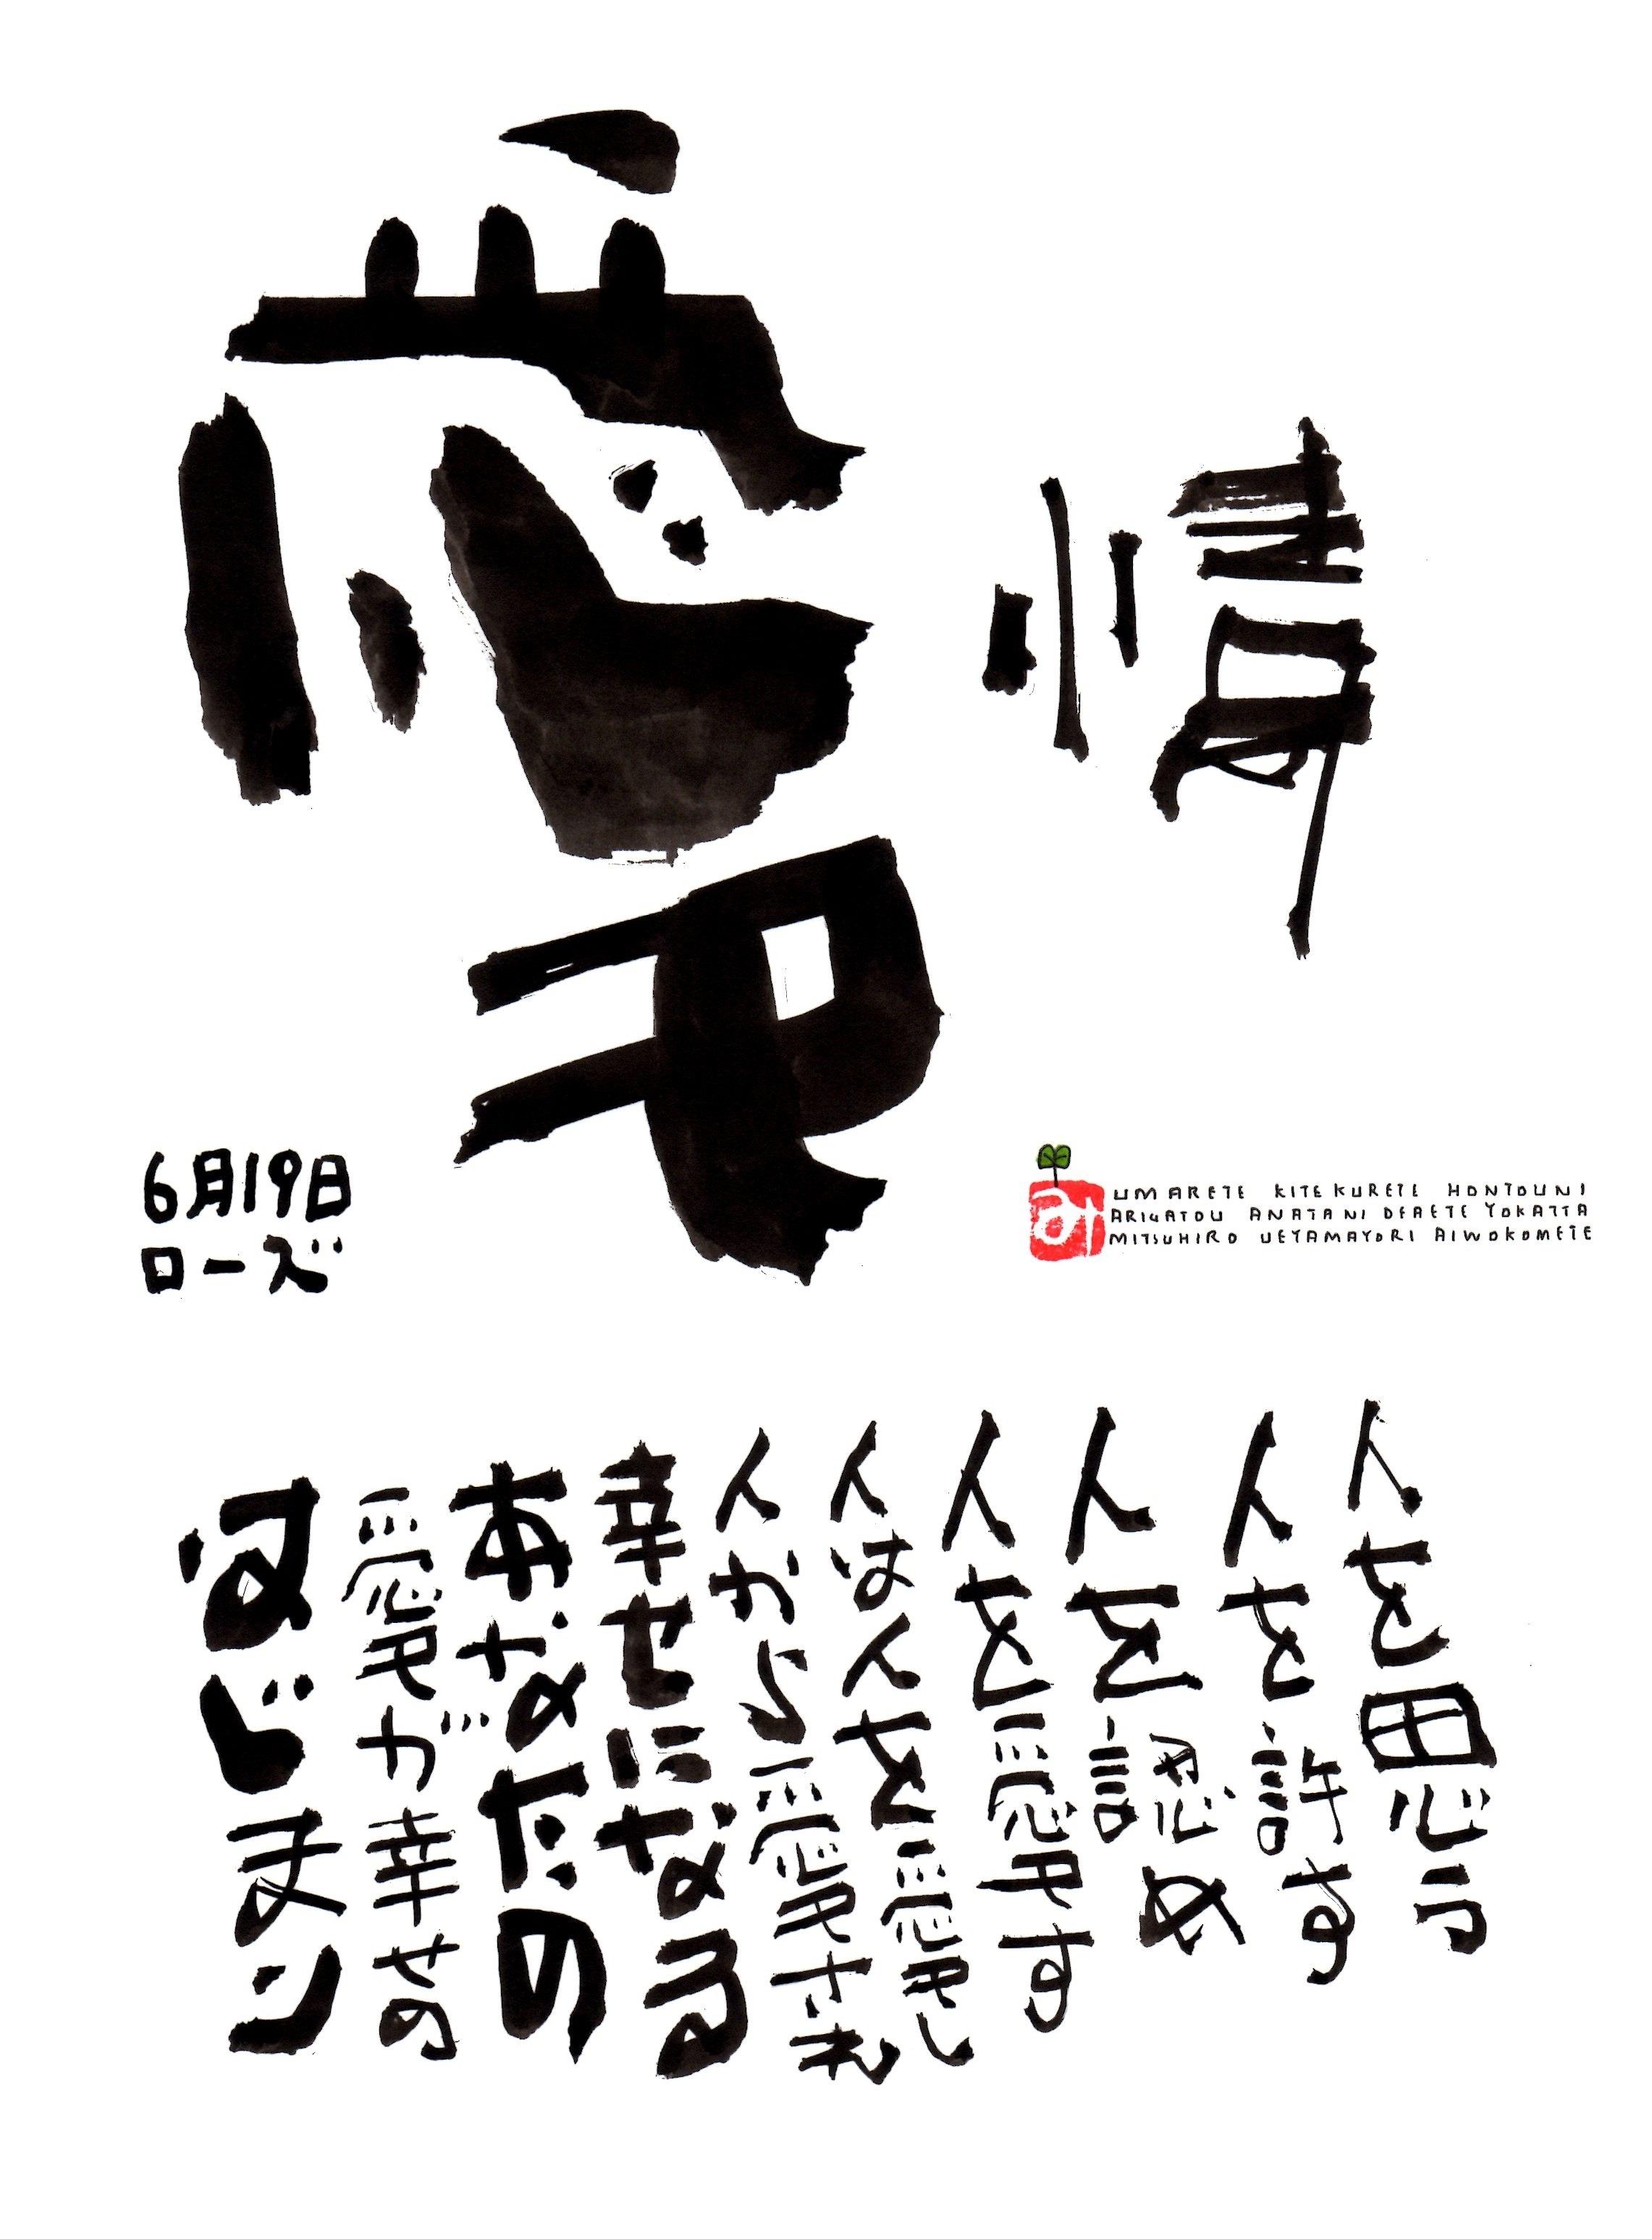 6月19日 誕生日ポストカード【愛情】love